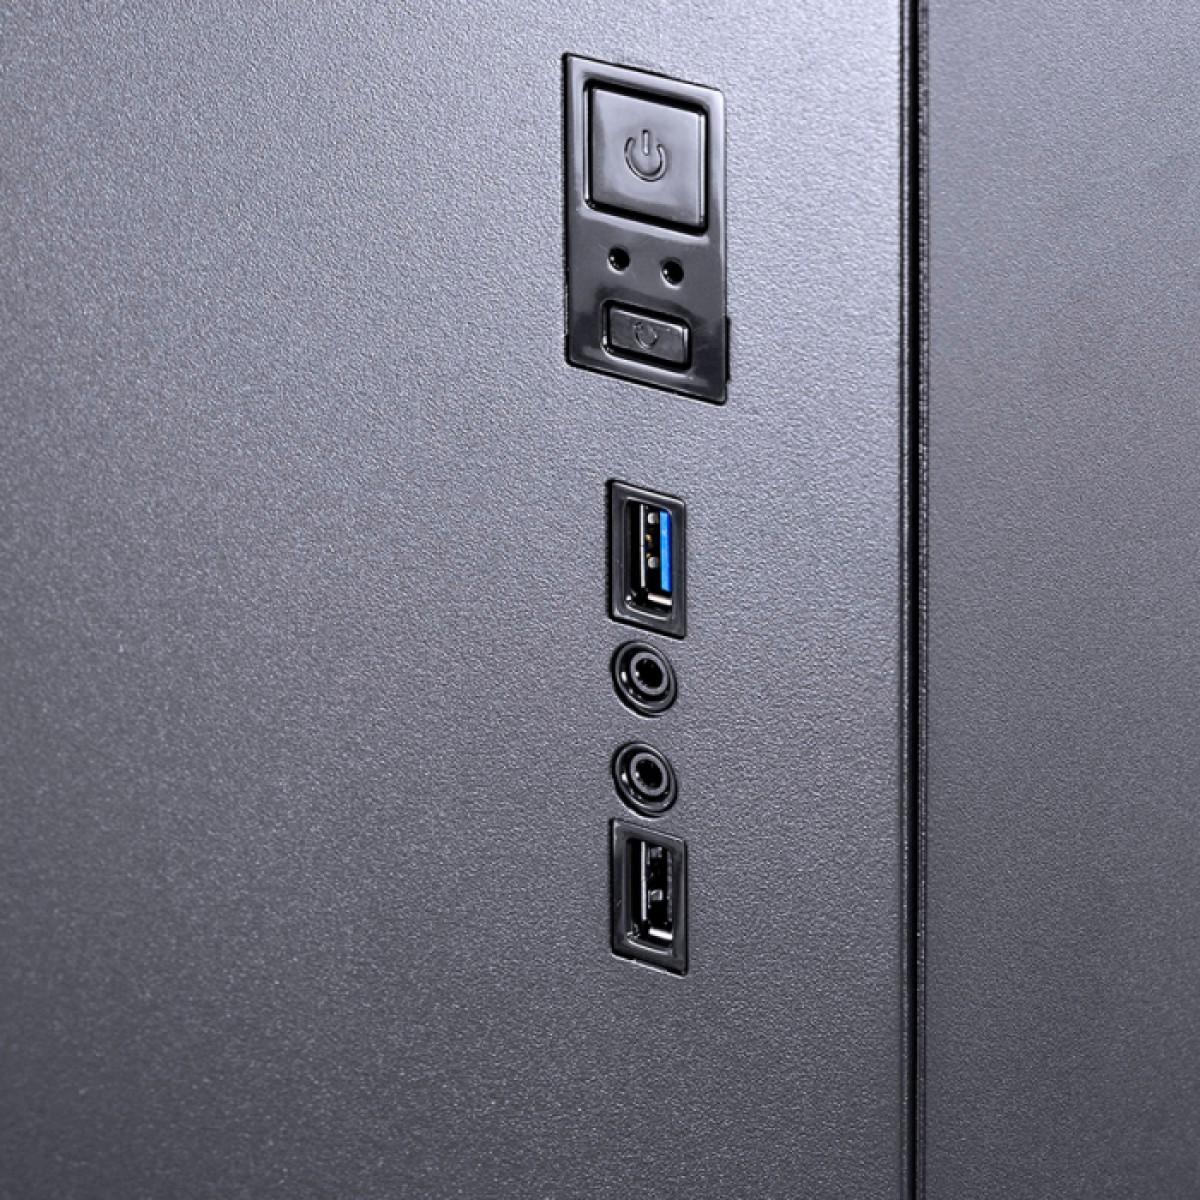 PC Gamer Skul T-MOBA 3000 i3 9100F / 8GB DDR4 / SSD 240GB / HD 1TB / GTX 750 Ti / FONTE 500W